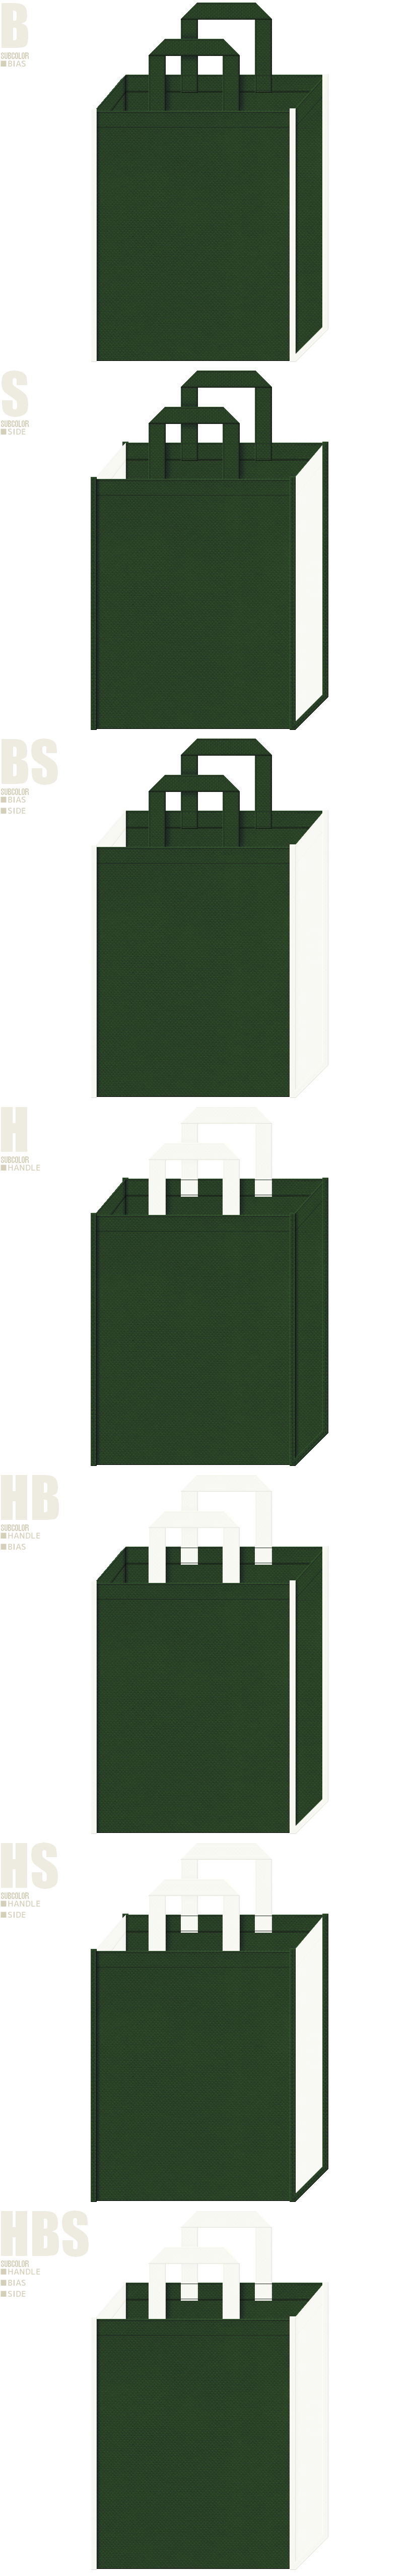 アンティーク・ヴィンテージ・コスプレ・メイド服・救急用品・薬局・製薬・薬剤・処方箋・医療器具・医薬品の展示会用バッグにお奨めの不織布バッグデザイン:濃緑色とオフホワイト色の配色7パターン